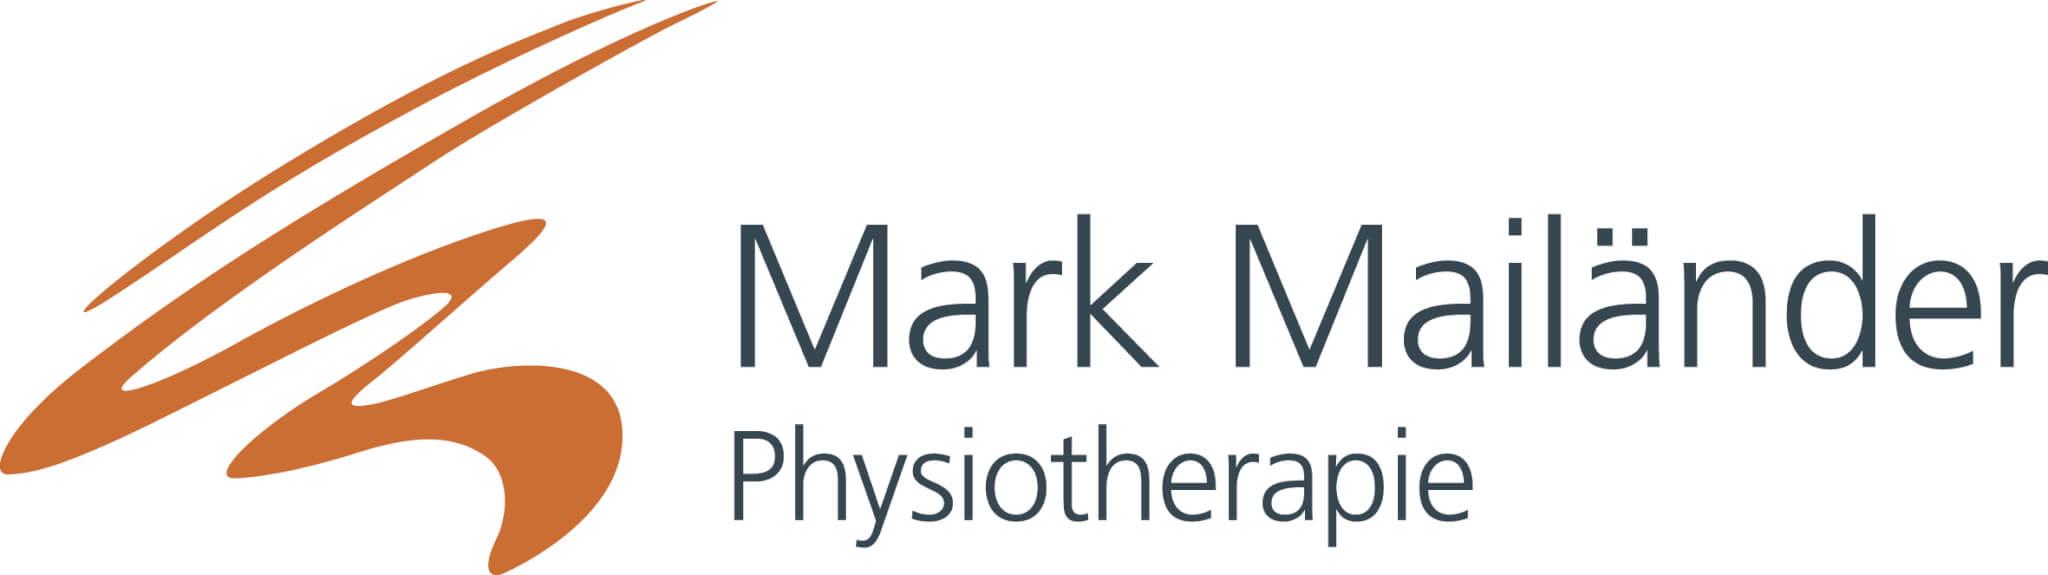 Partner Logo Mark Mailaender als Text ausgeschrieben